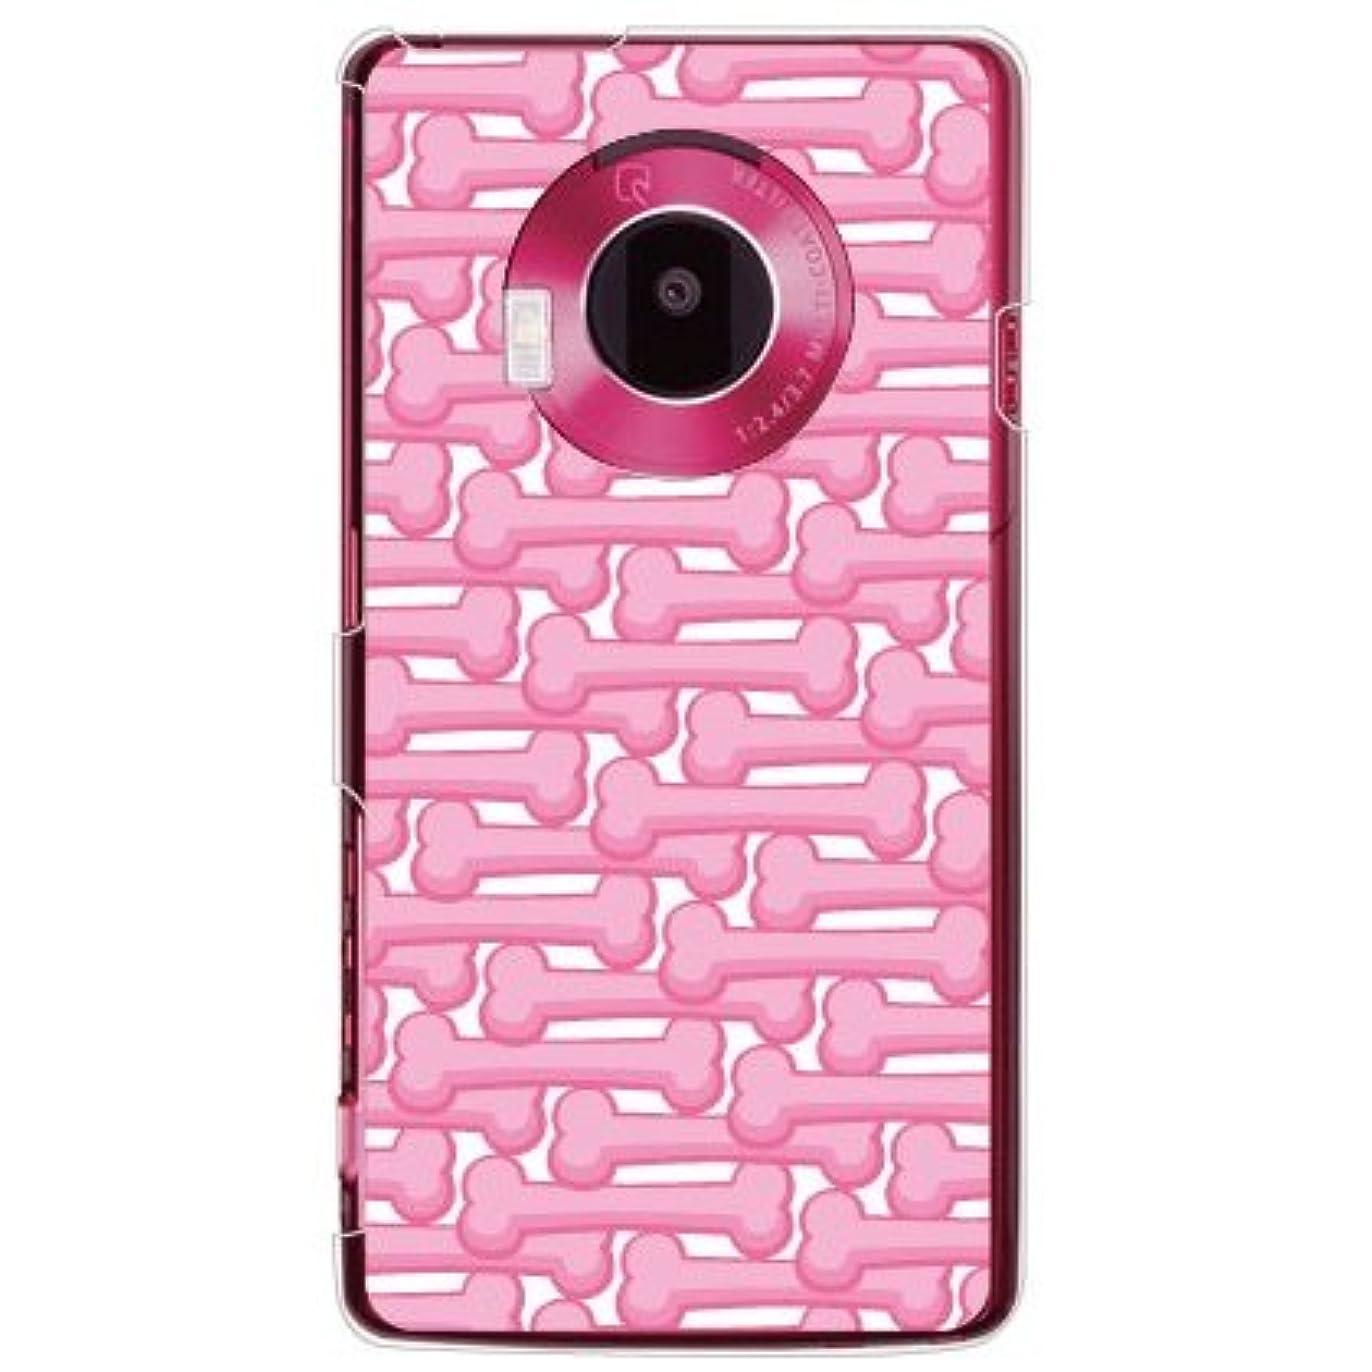 団結するくまほのかYESNO ボーン ピンク (クリア) / for LUMIX Phone 101P/SoftBank SPS101-PCCL-201-N037